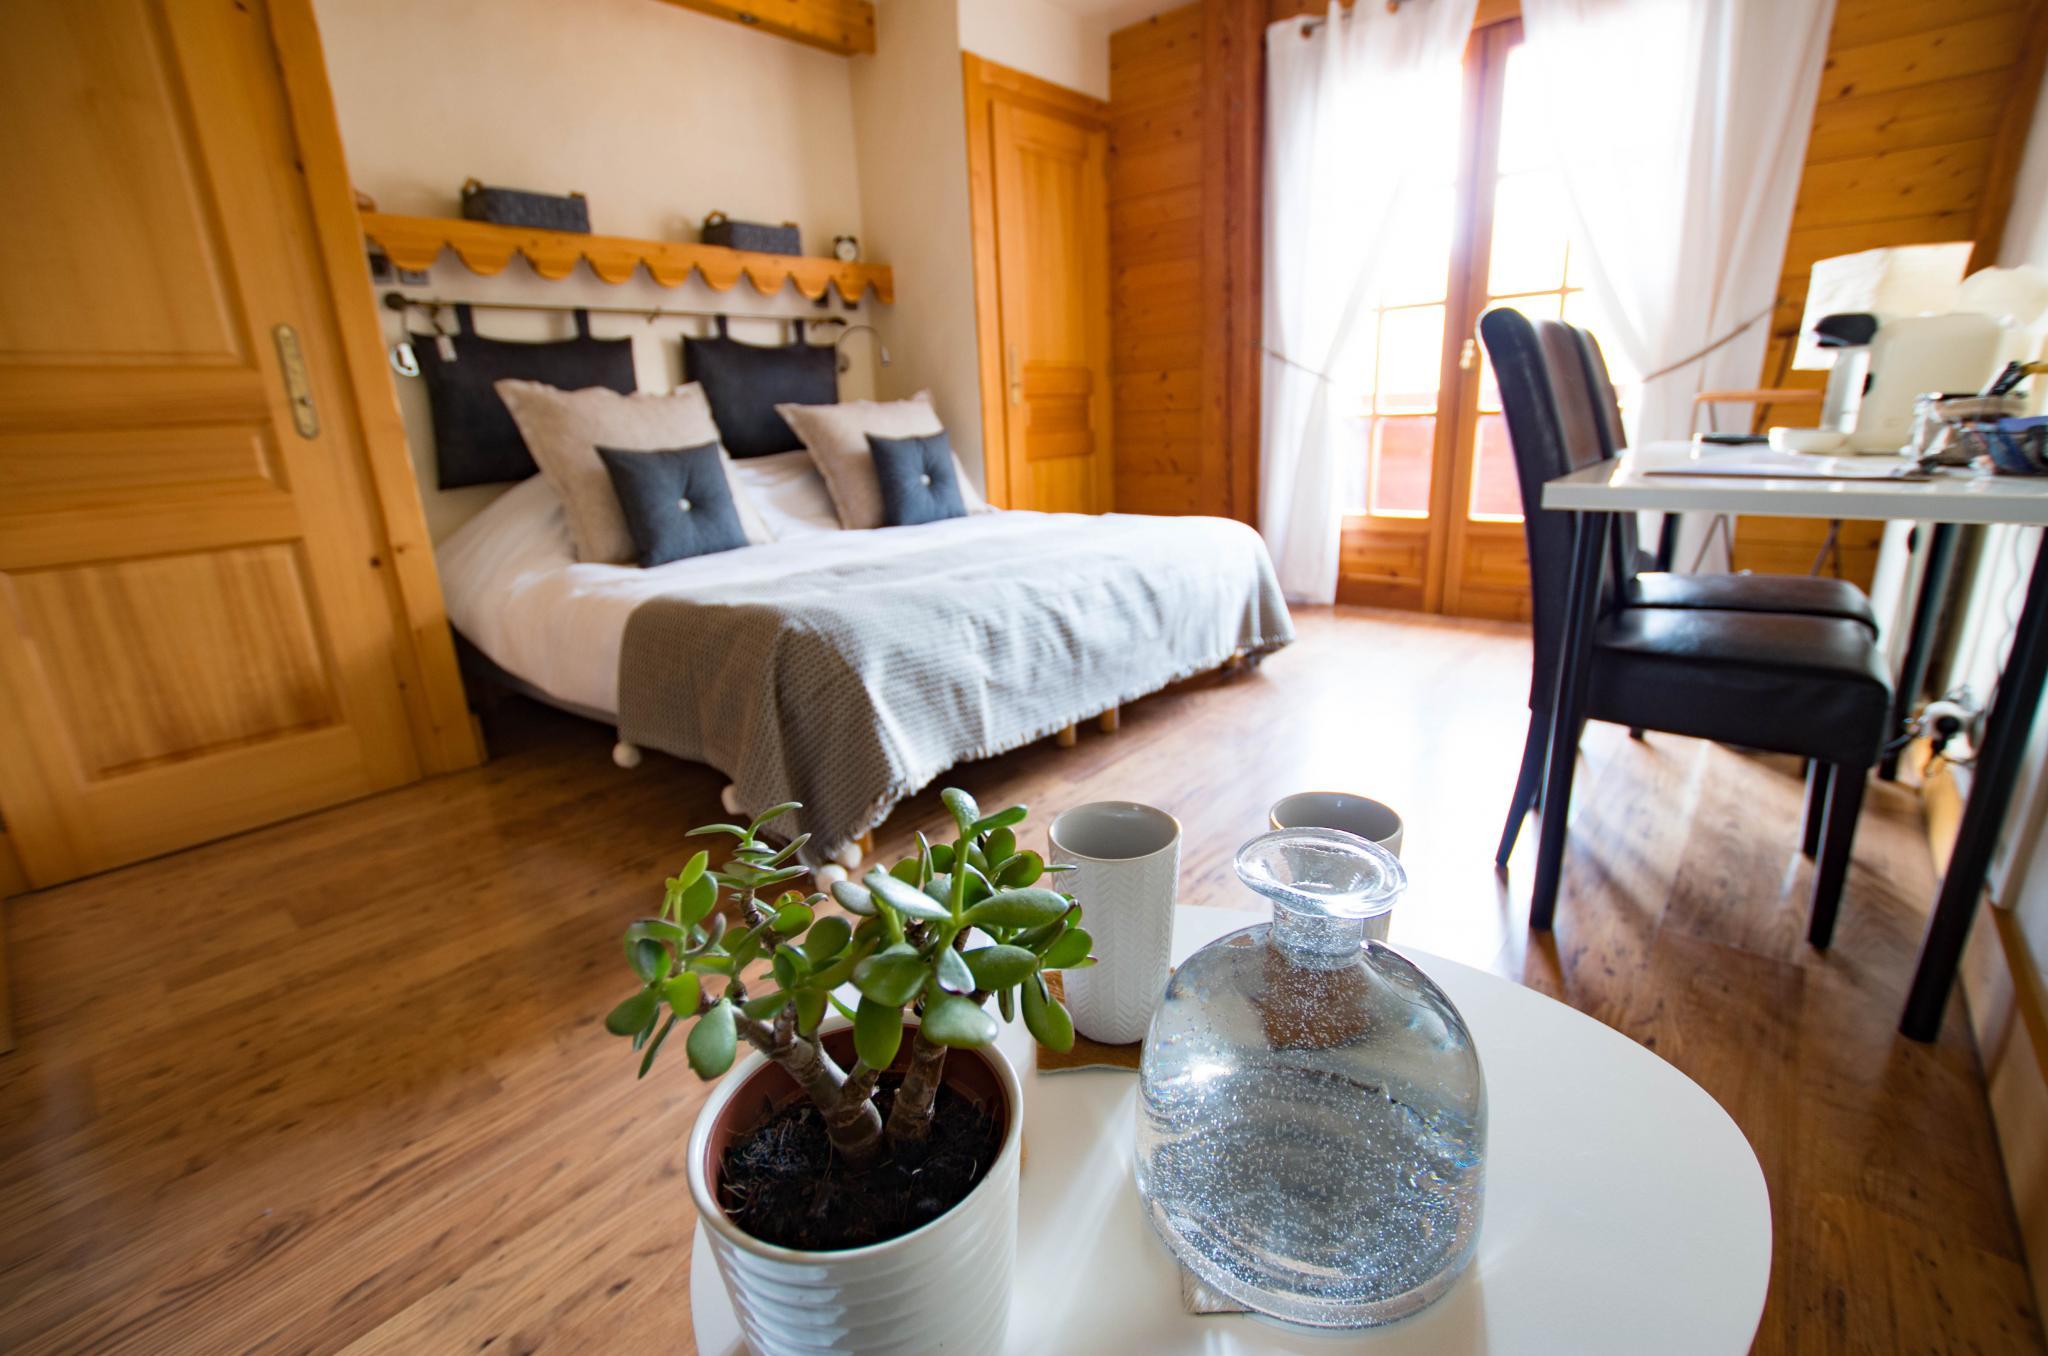 Hôtel de charme 3 étoiles à Saint-Gervais-les-Bains